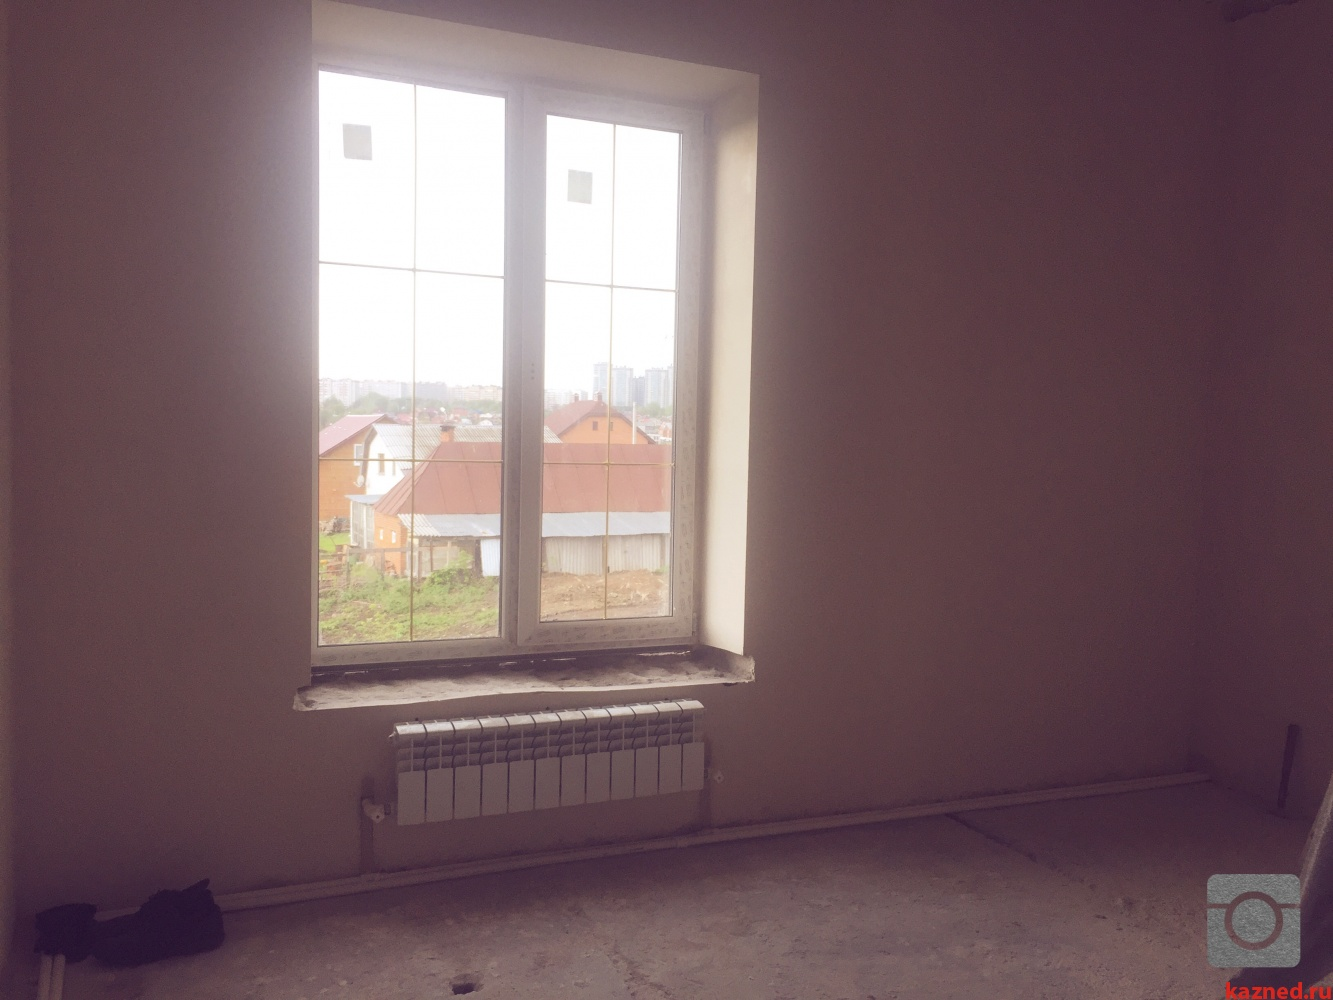 Продажа  дома вознесение, ул Грачиная, 200 м²  (миниатюра №19)